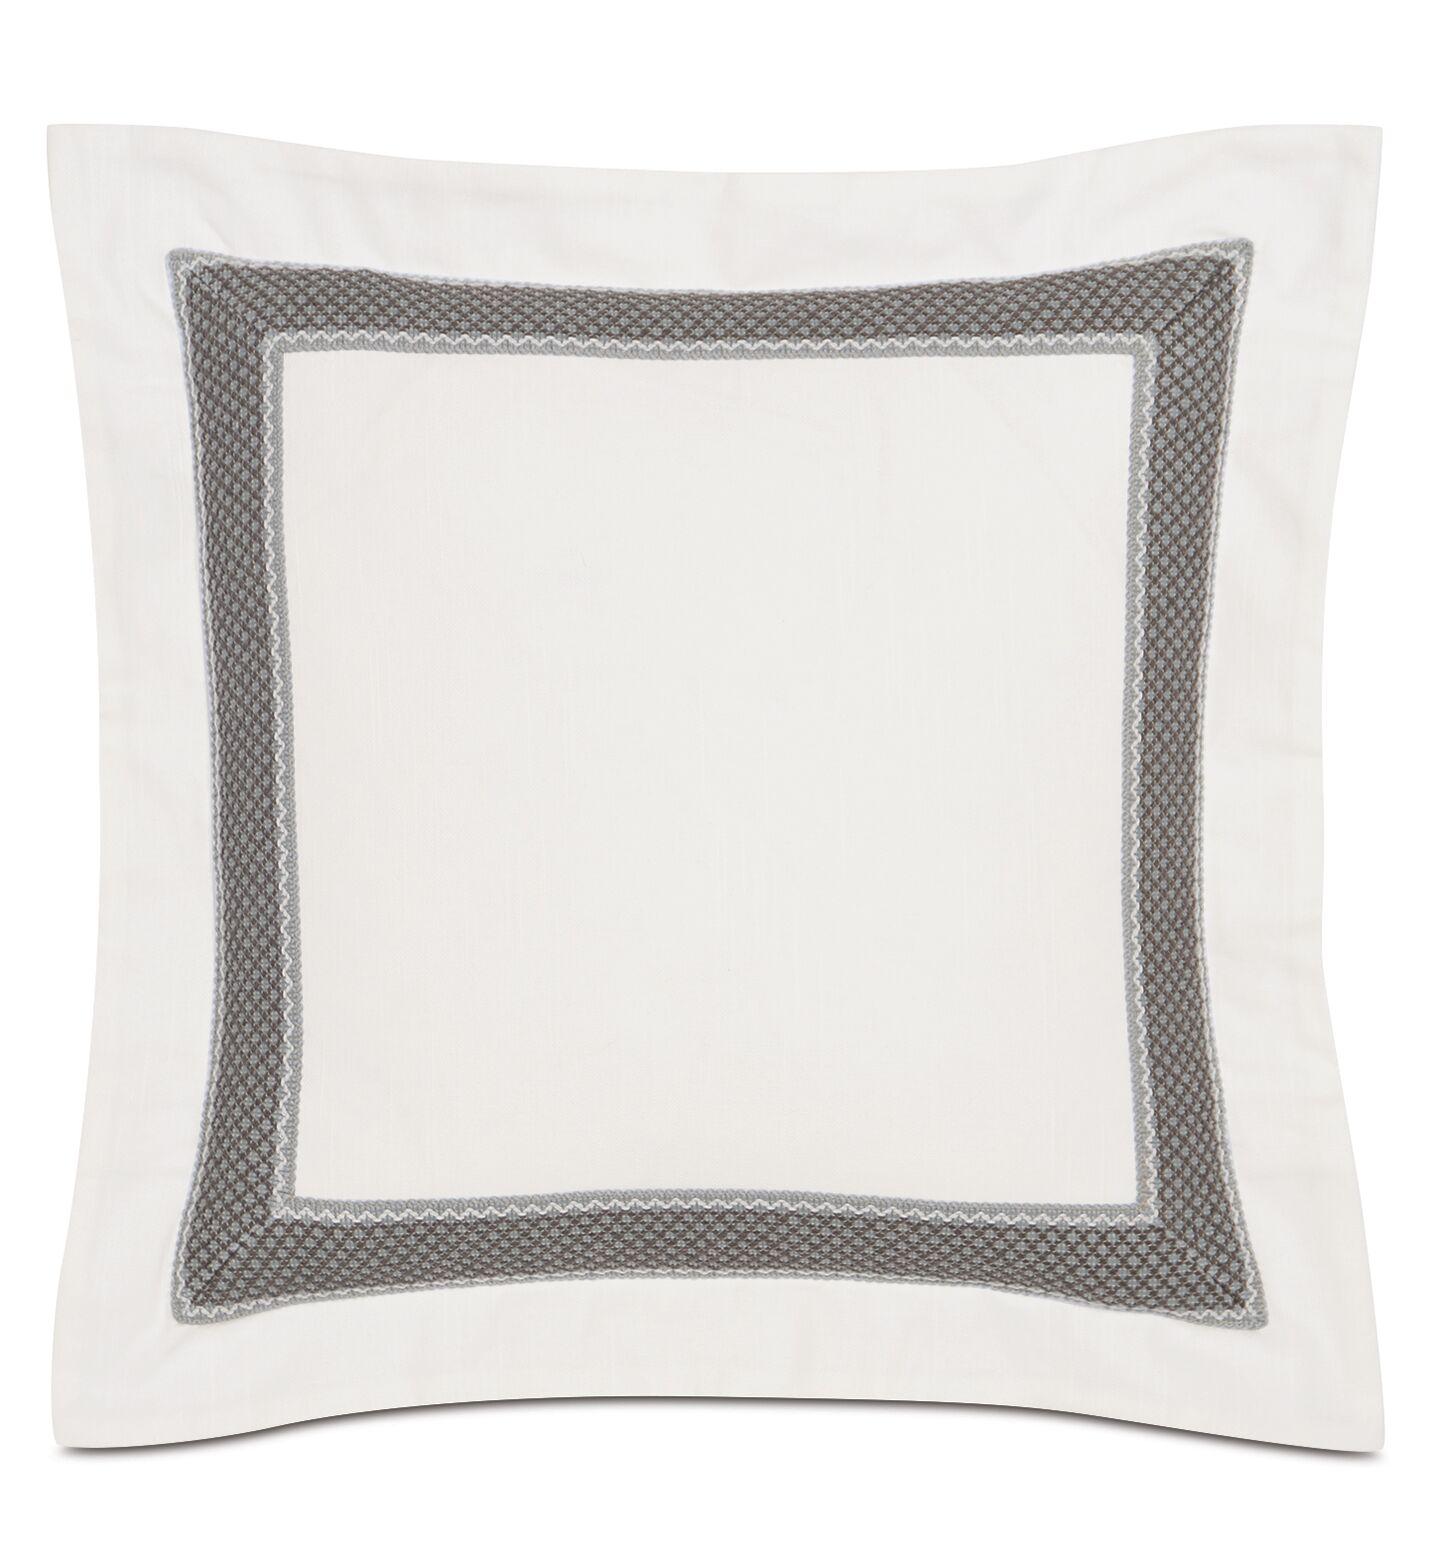 Nerida Bordered Cotton Throw Pillow